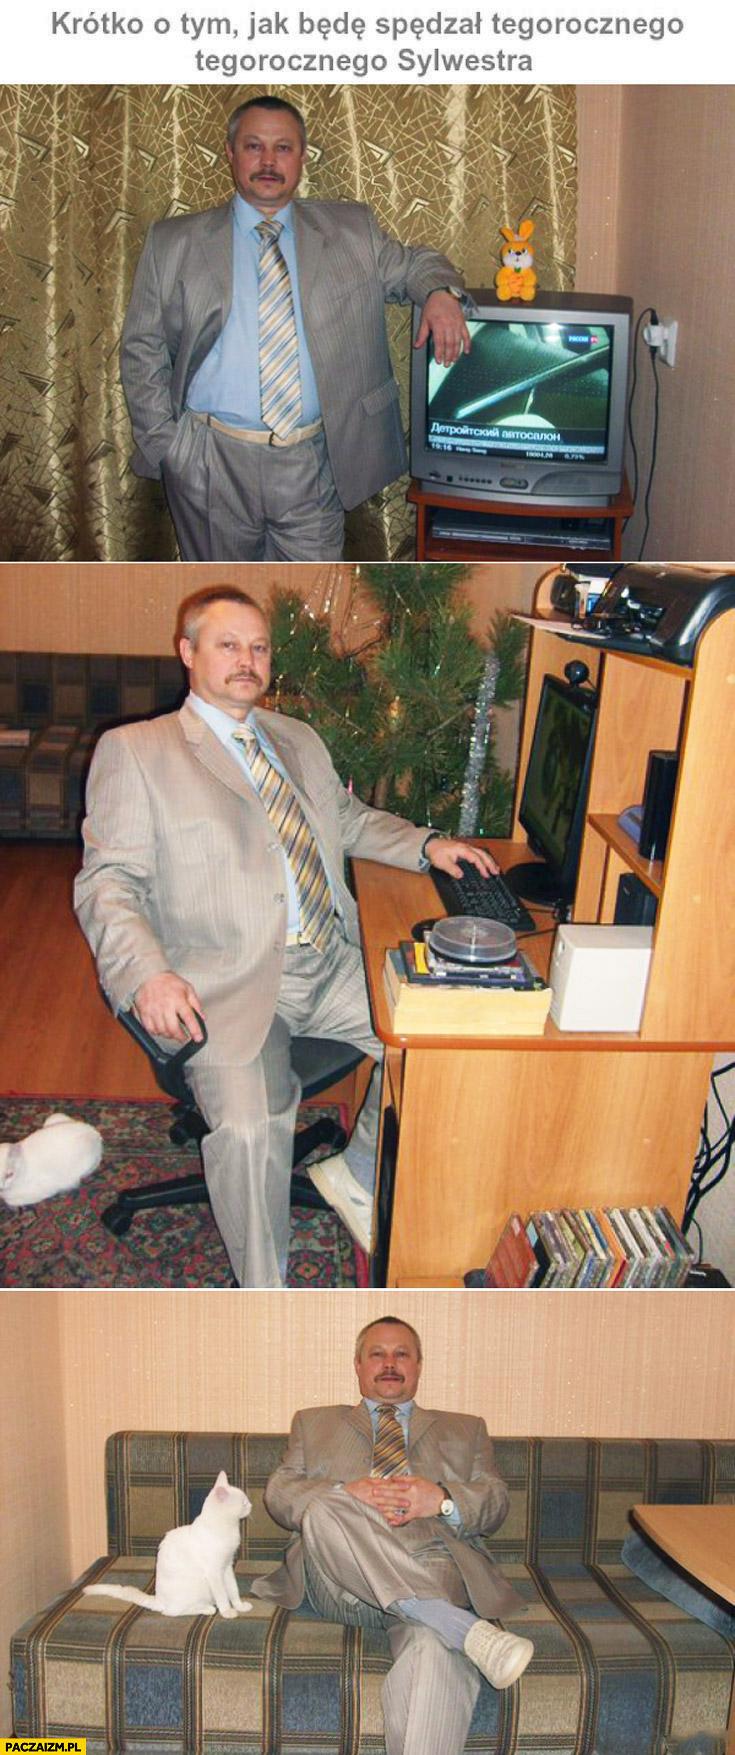 Krótko o tym jak spędzę tegorocznego sylwestra Janusz w garniturze